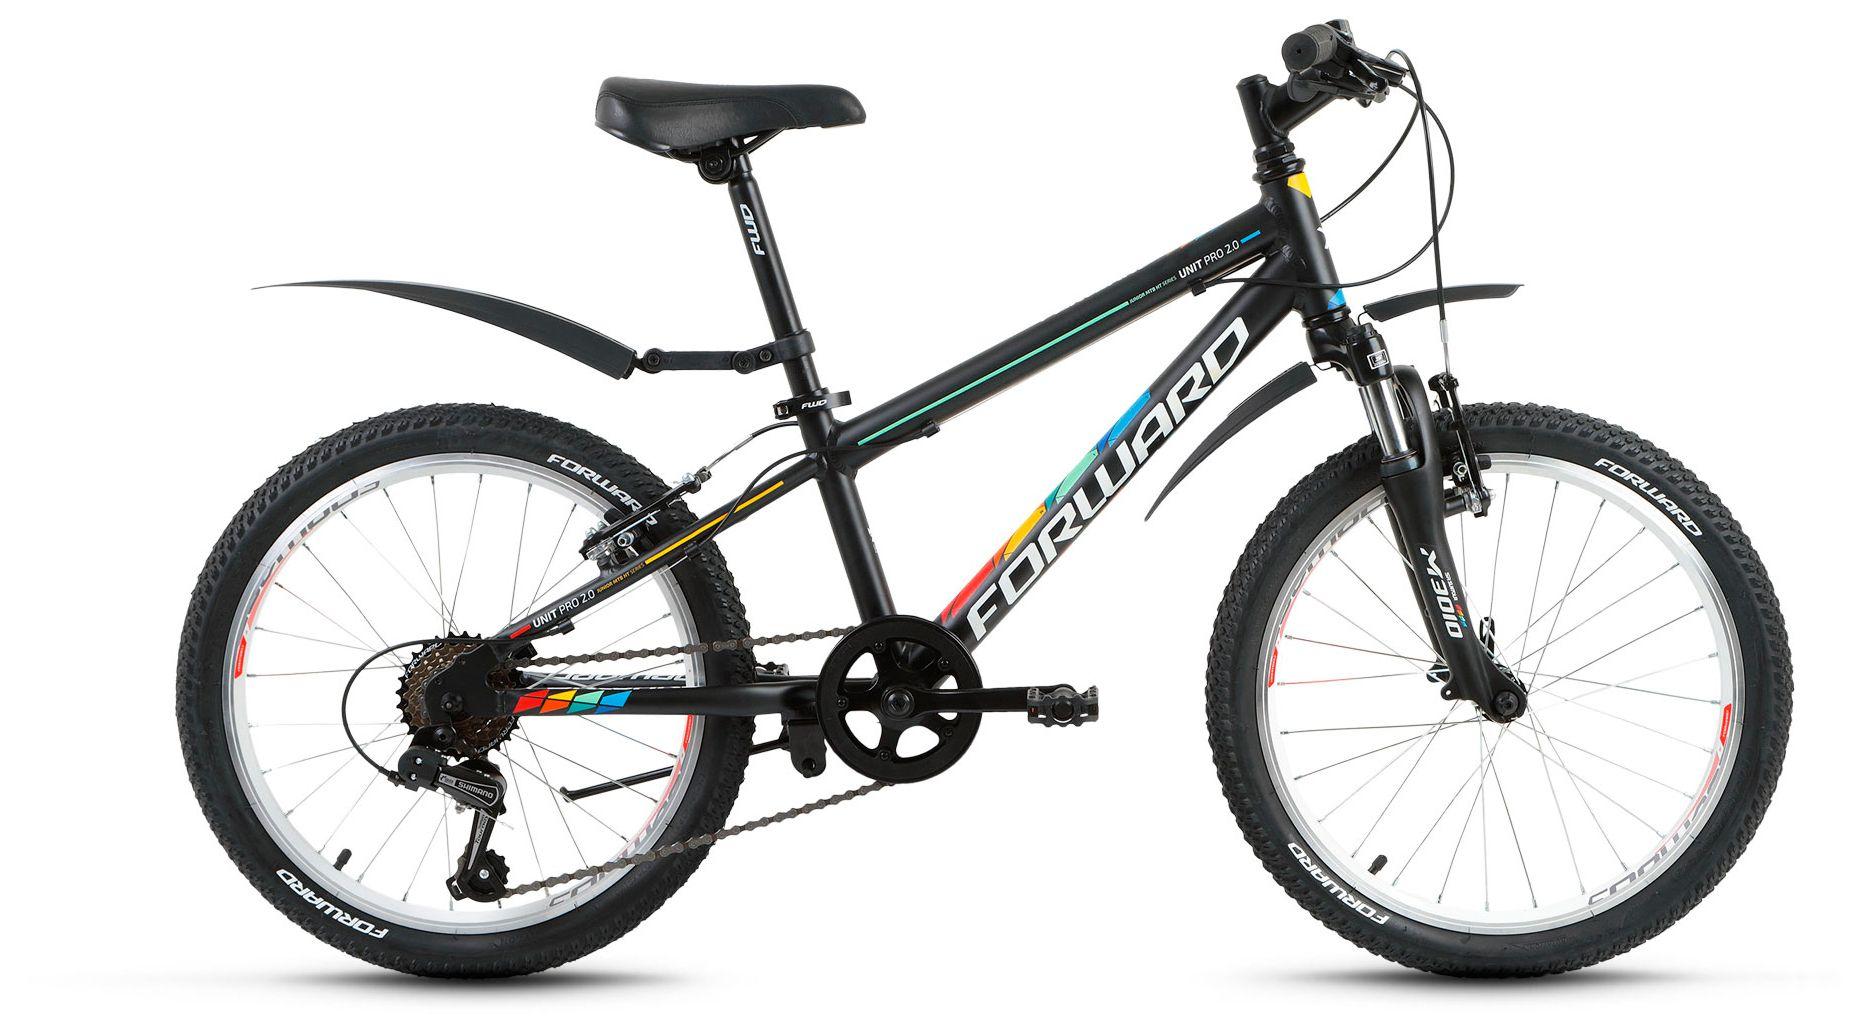 Велосипед Forward Unit Pro 2.0 2017 велосипед горный forward apache 2 0 2017 цвет серый рама 17 колесо 29